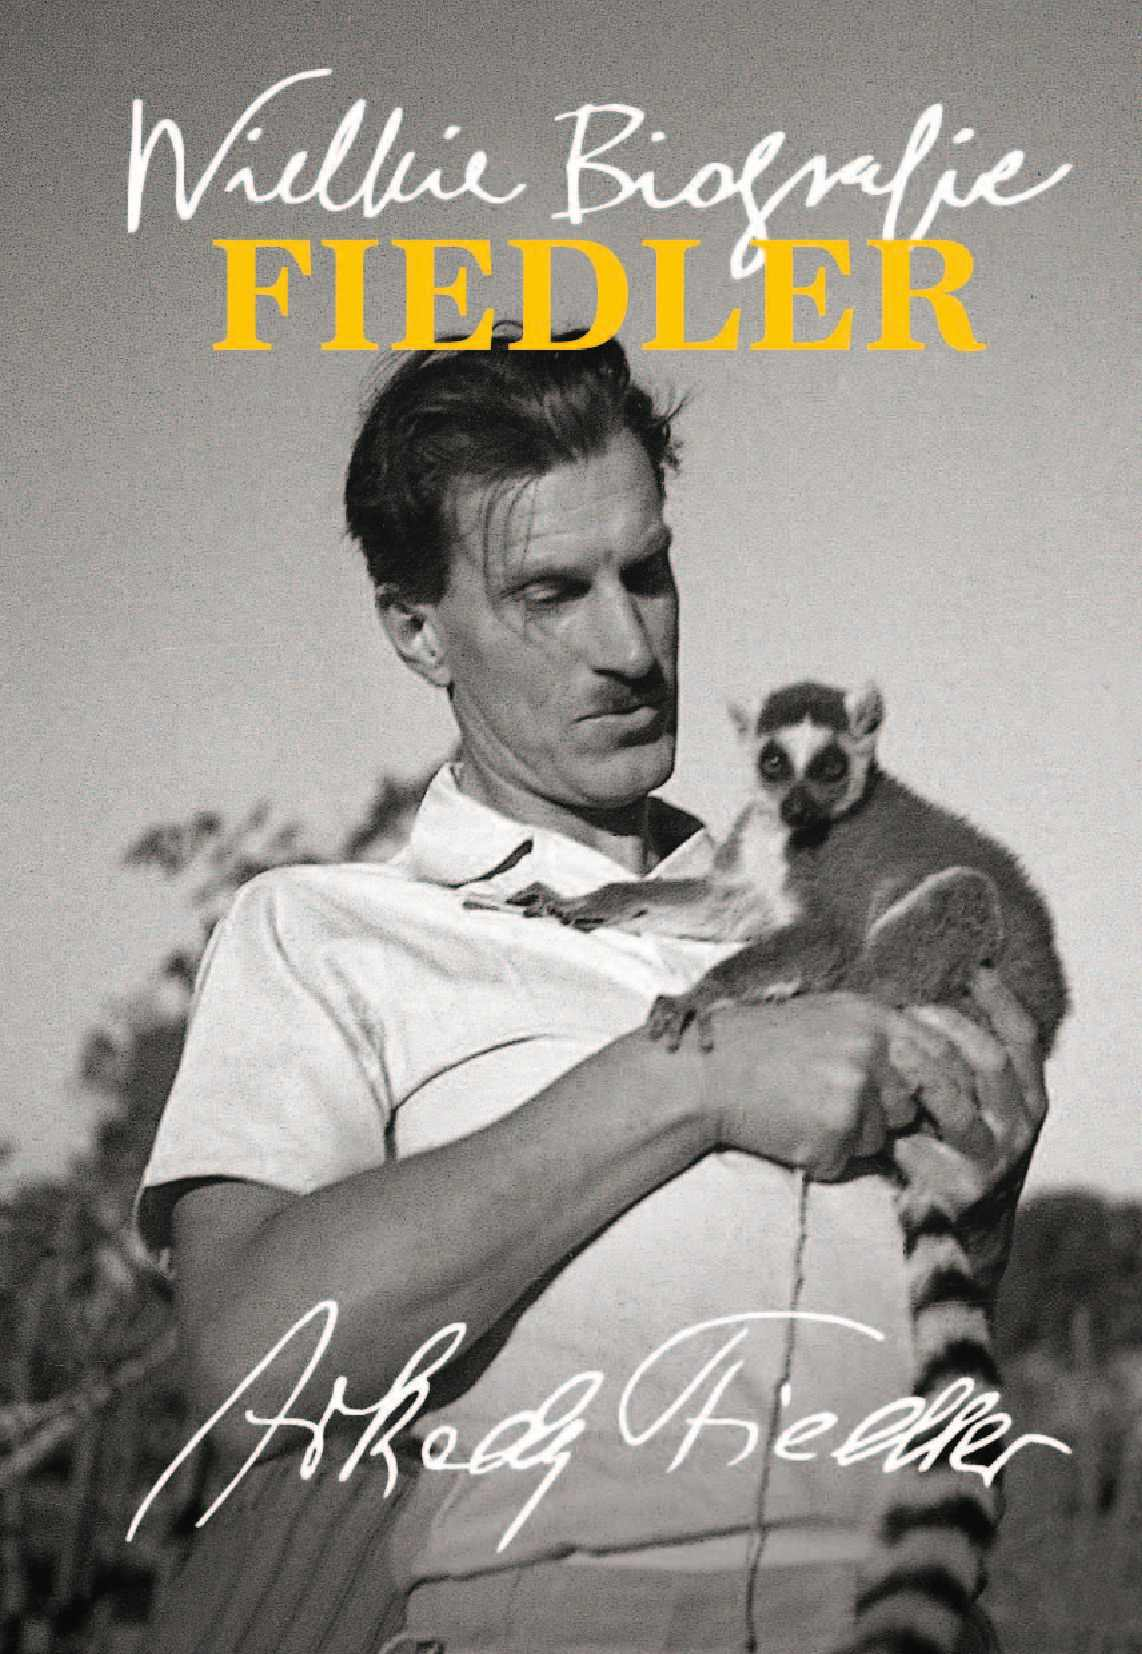 Fiedler. Wielkie Biografie - Ebook (Książka EPUB) do pobrania w formacie EPUB